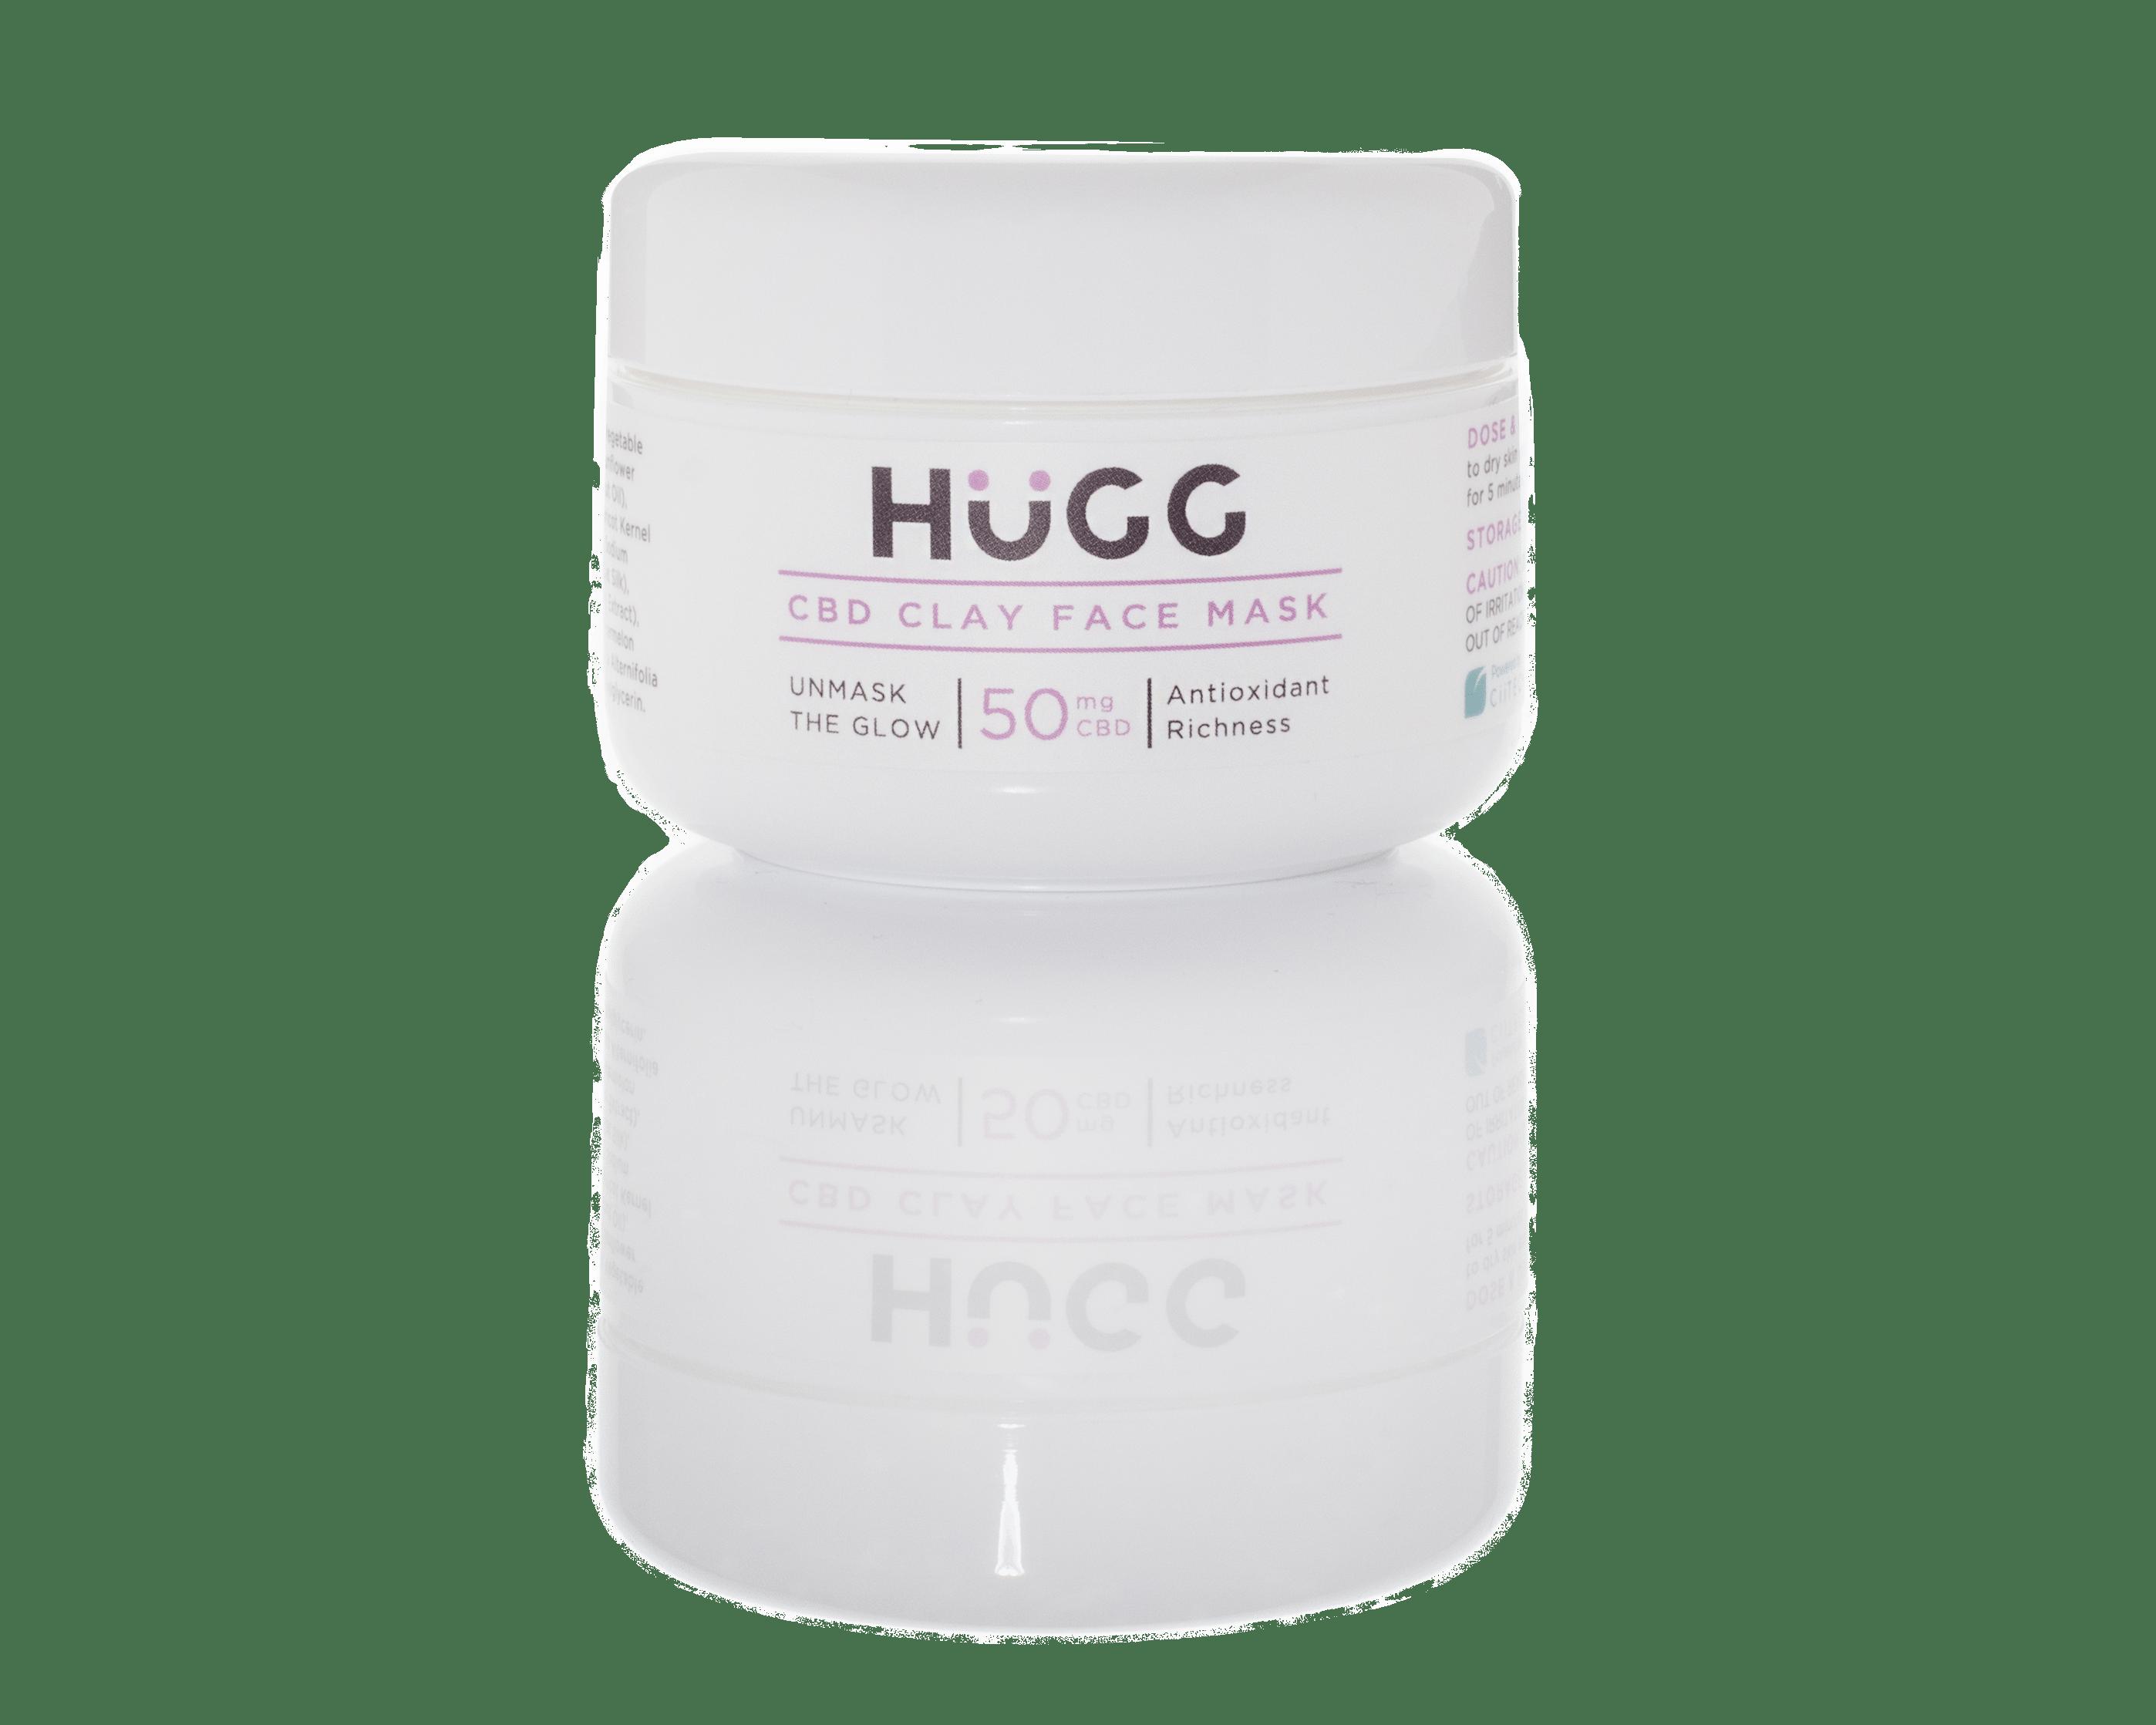 HuGG CBD clay face mask